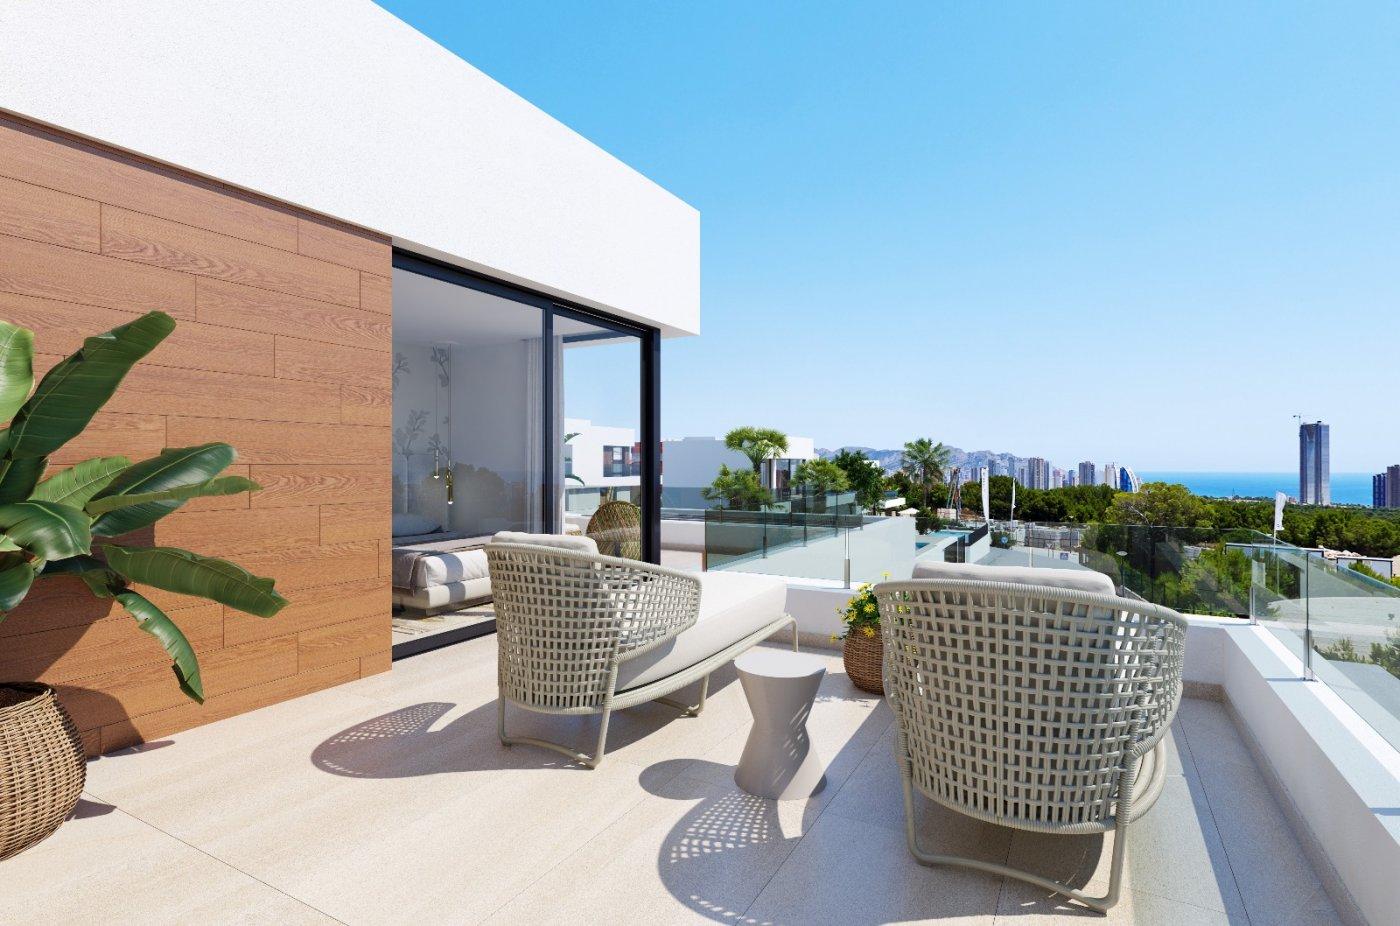 Villas de obra nueva modernas con vistas al mar en sierra cortina - imagenInmueble0